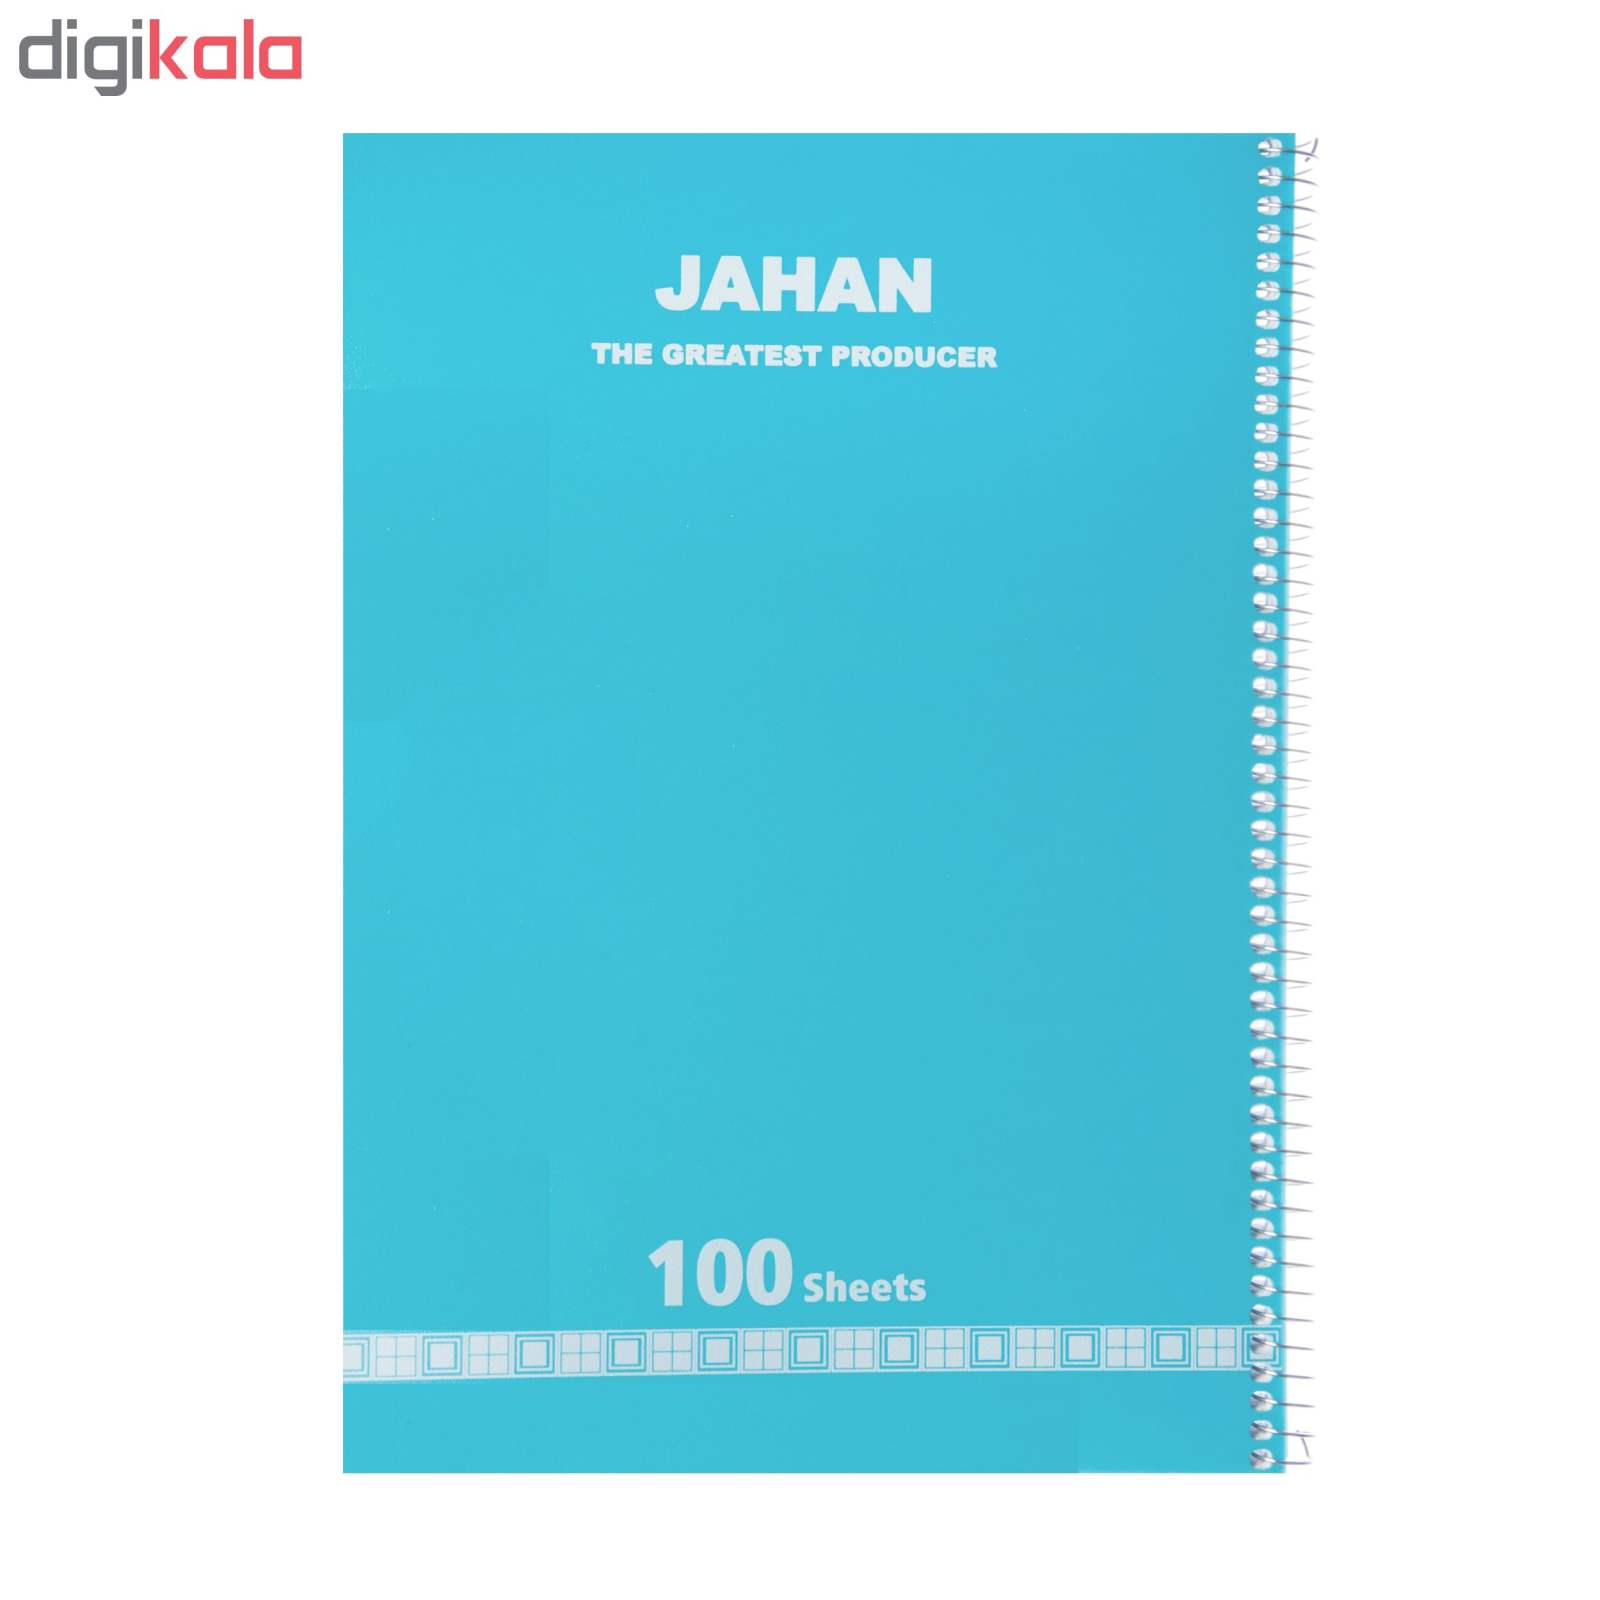 دفتر مشق 100 برگ جهان کد 100JTH99MOR main 1 6